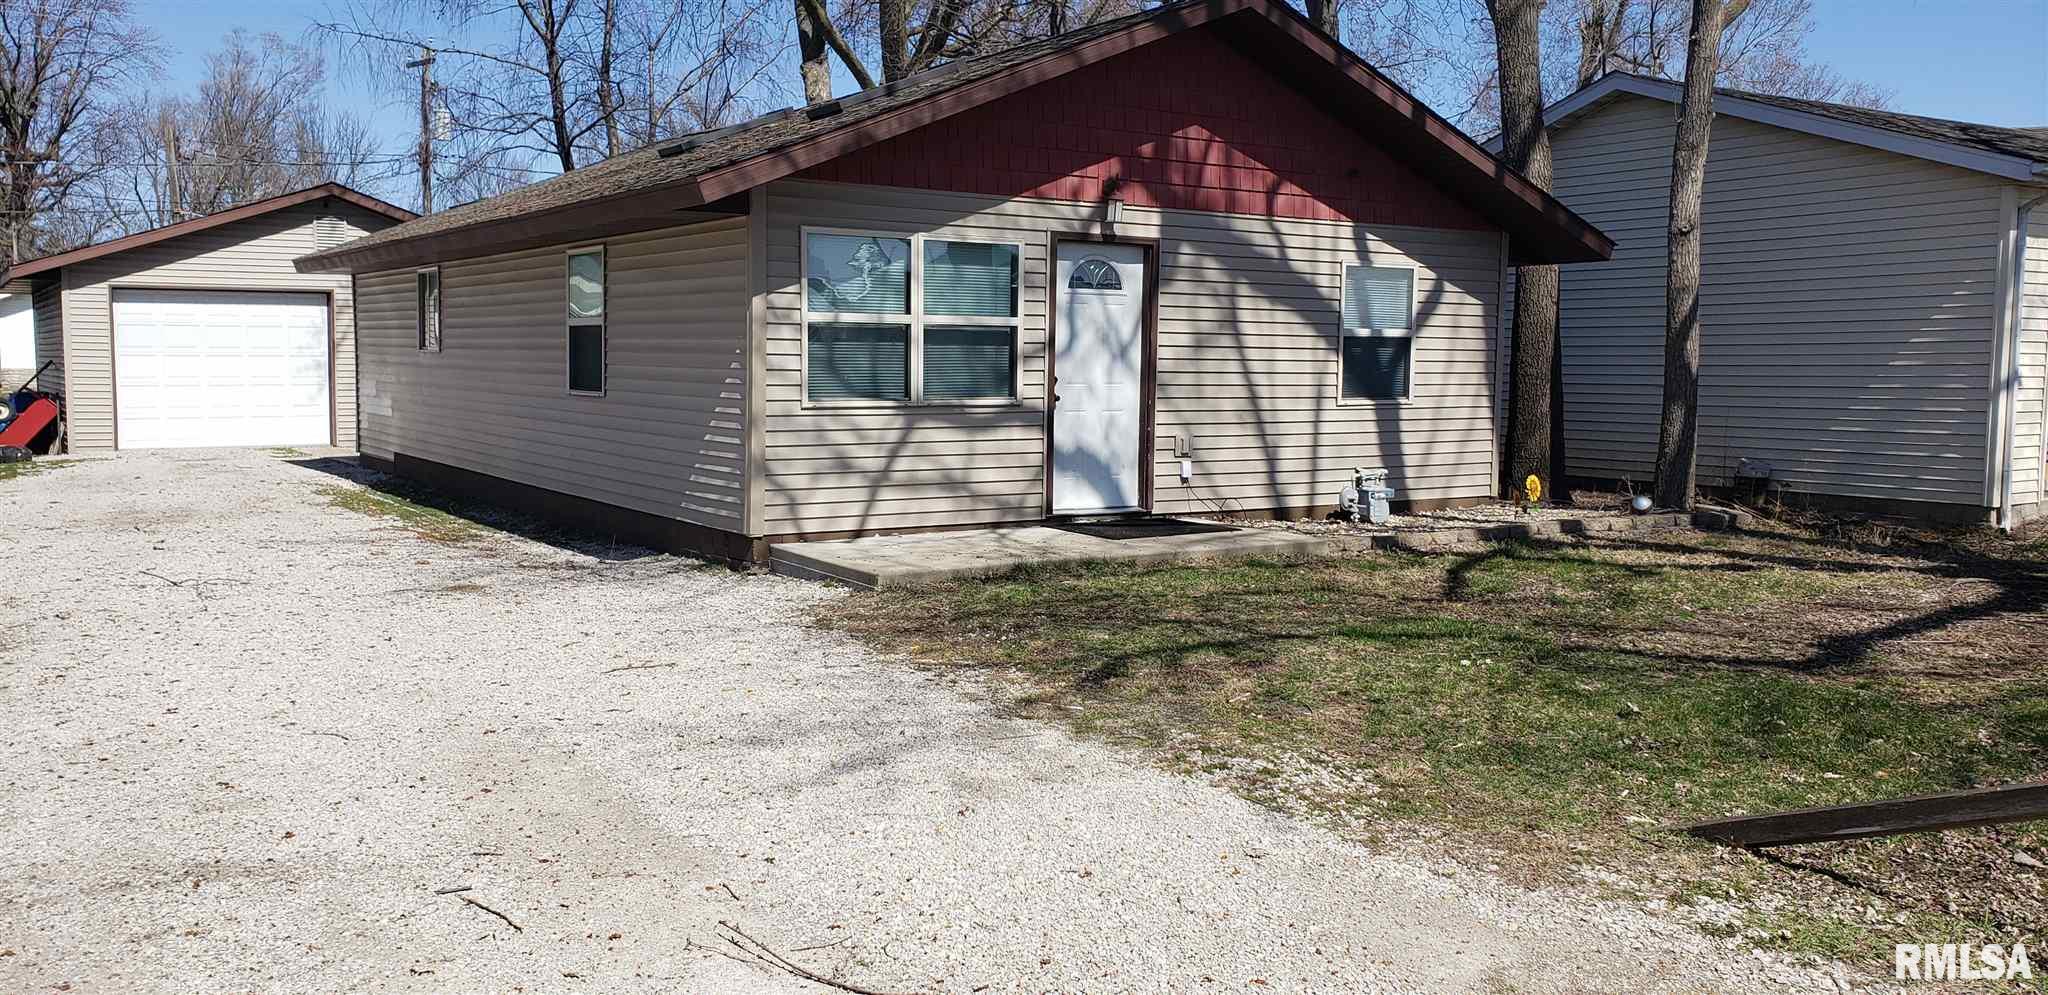 211 E MAIN Property Photo - Dawson, IL real estate listing